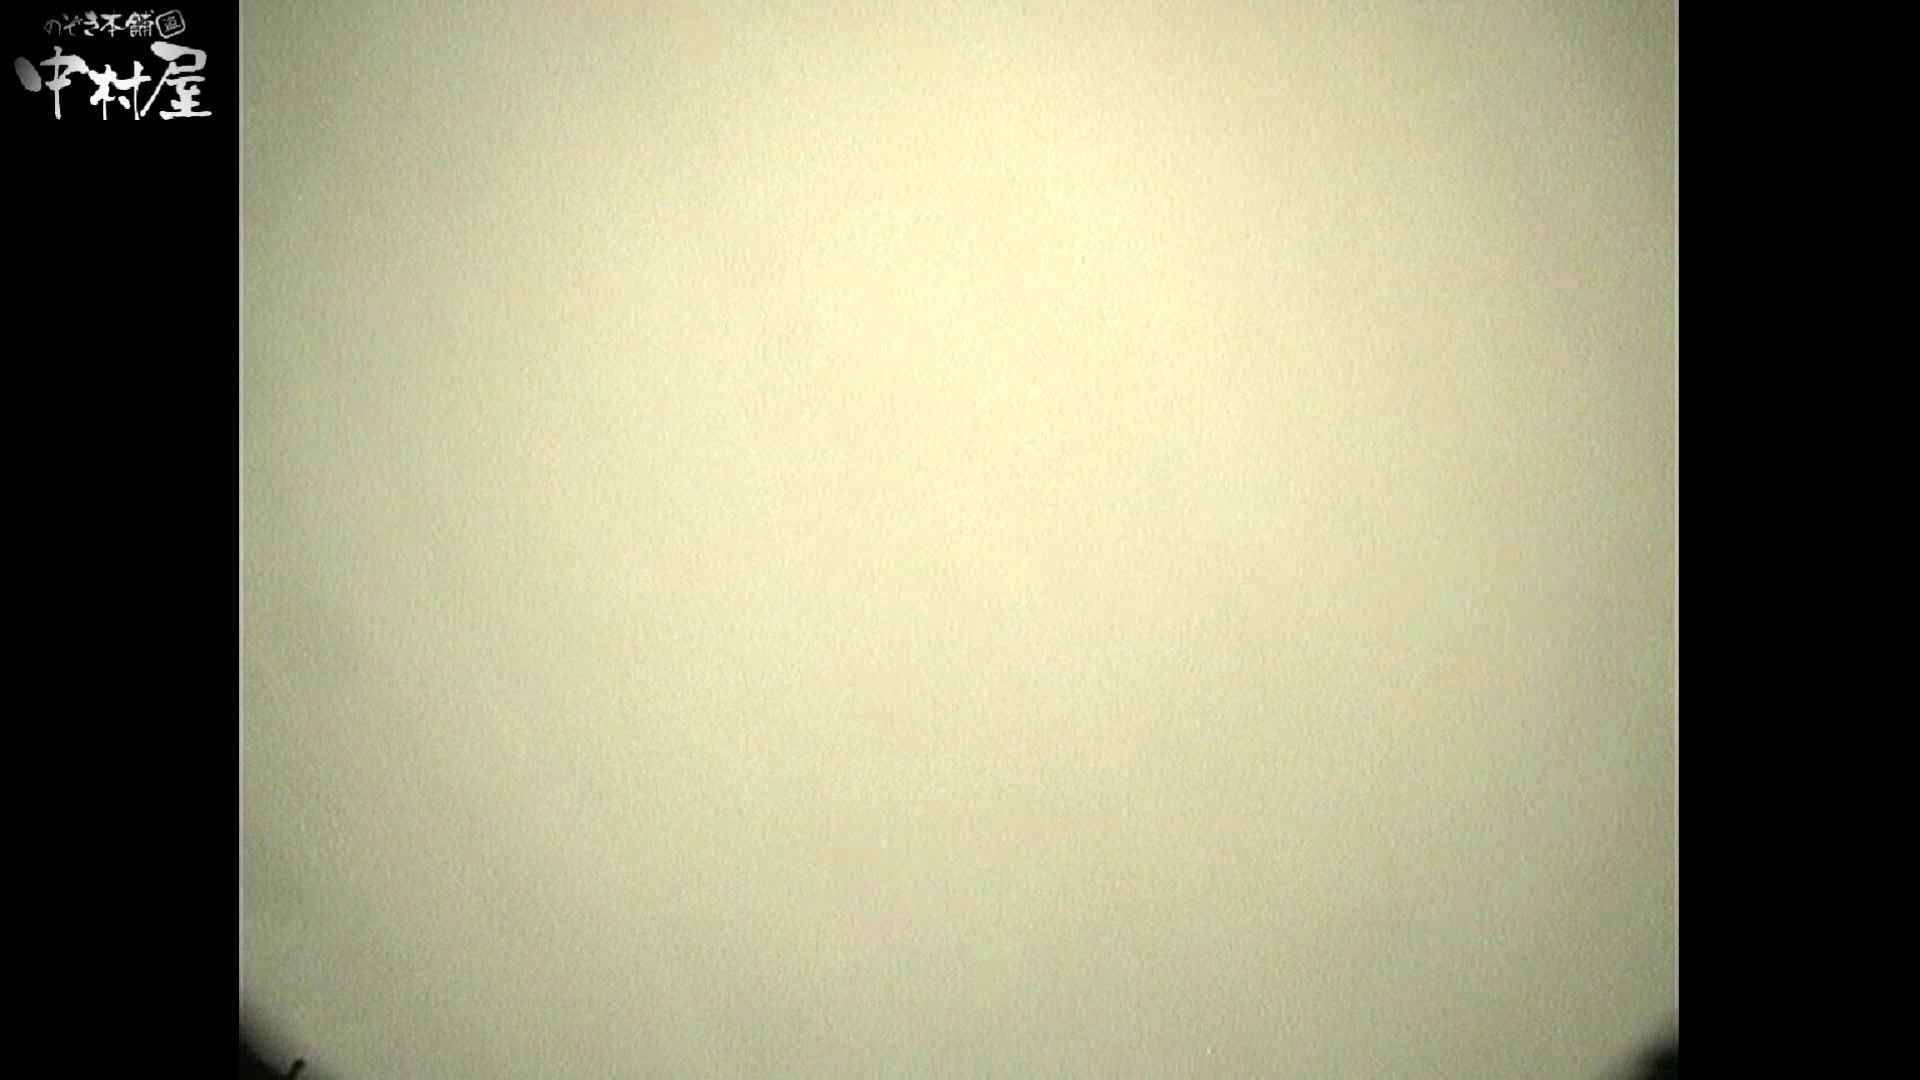 無修正エロ動画|No.17 割れ目に指をはわせ砂落とし|のぞき本舗 中村屋